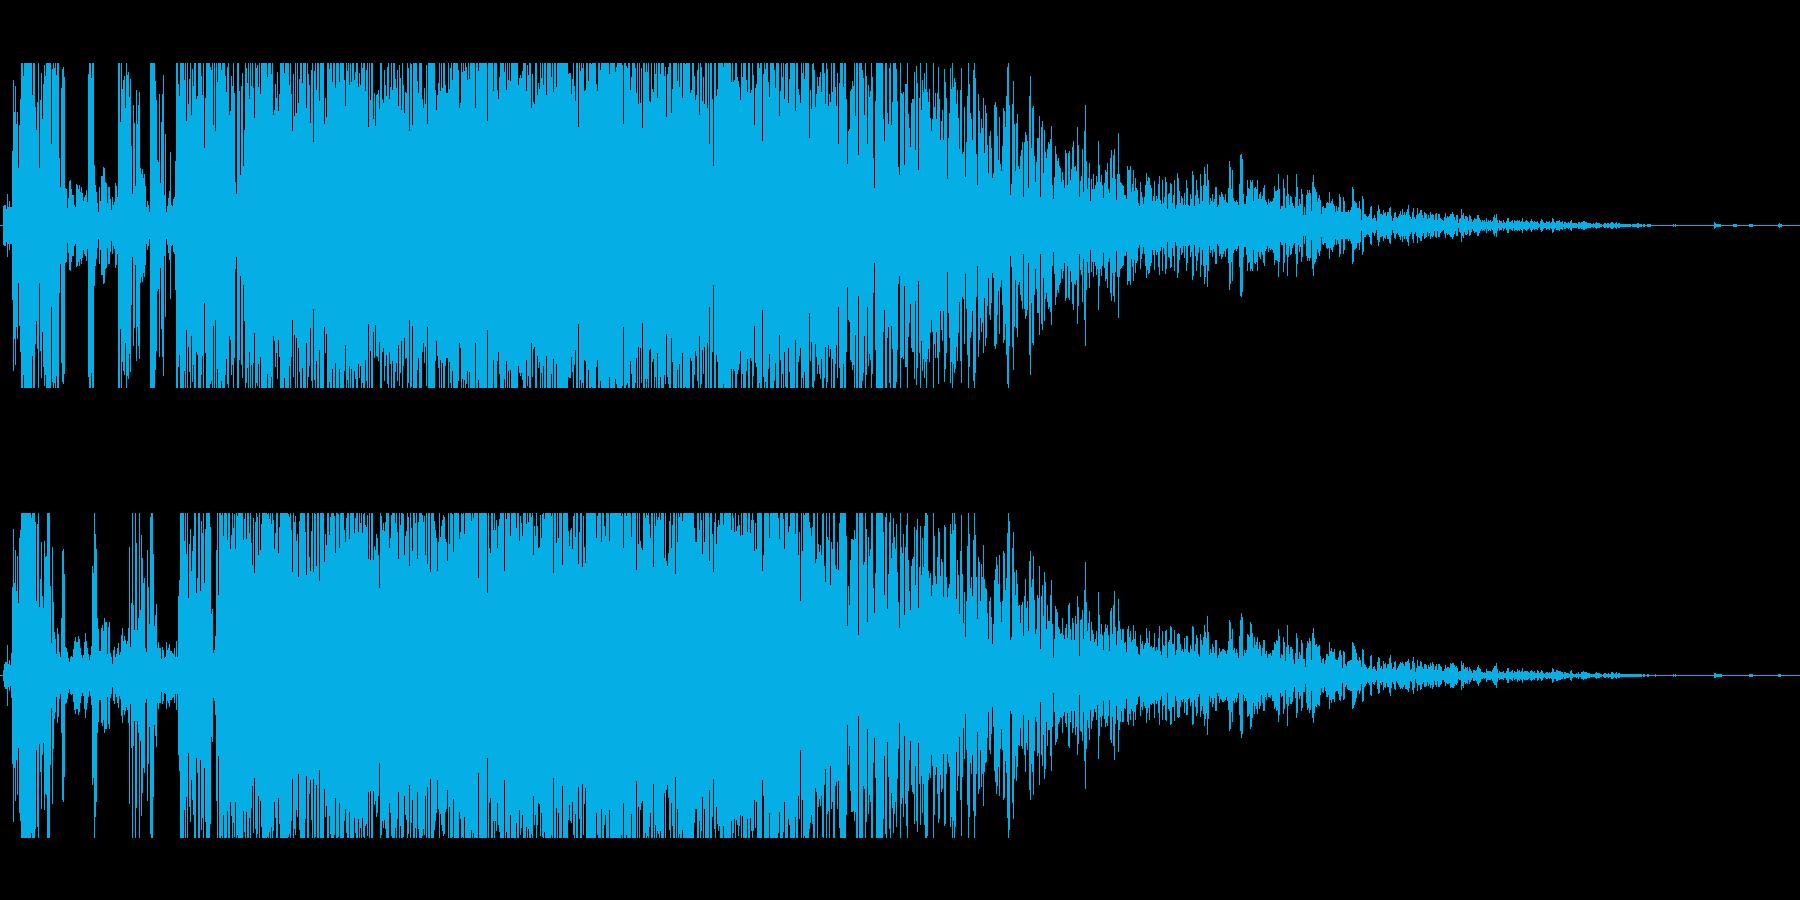 パンチ(バシッと鈍い音)の再生済みの波形